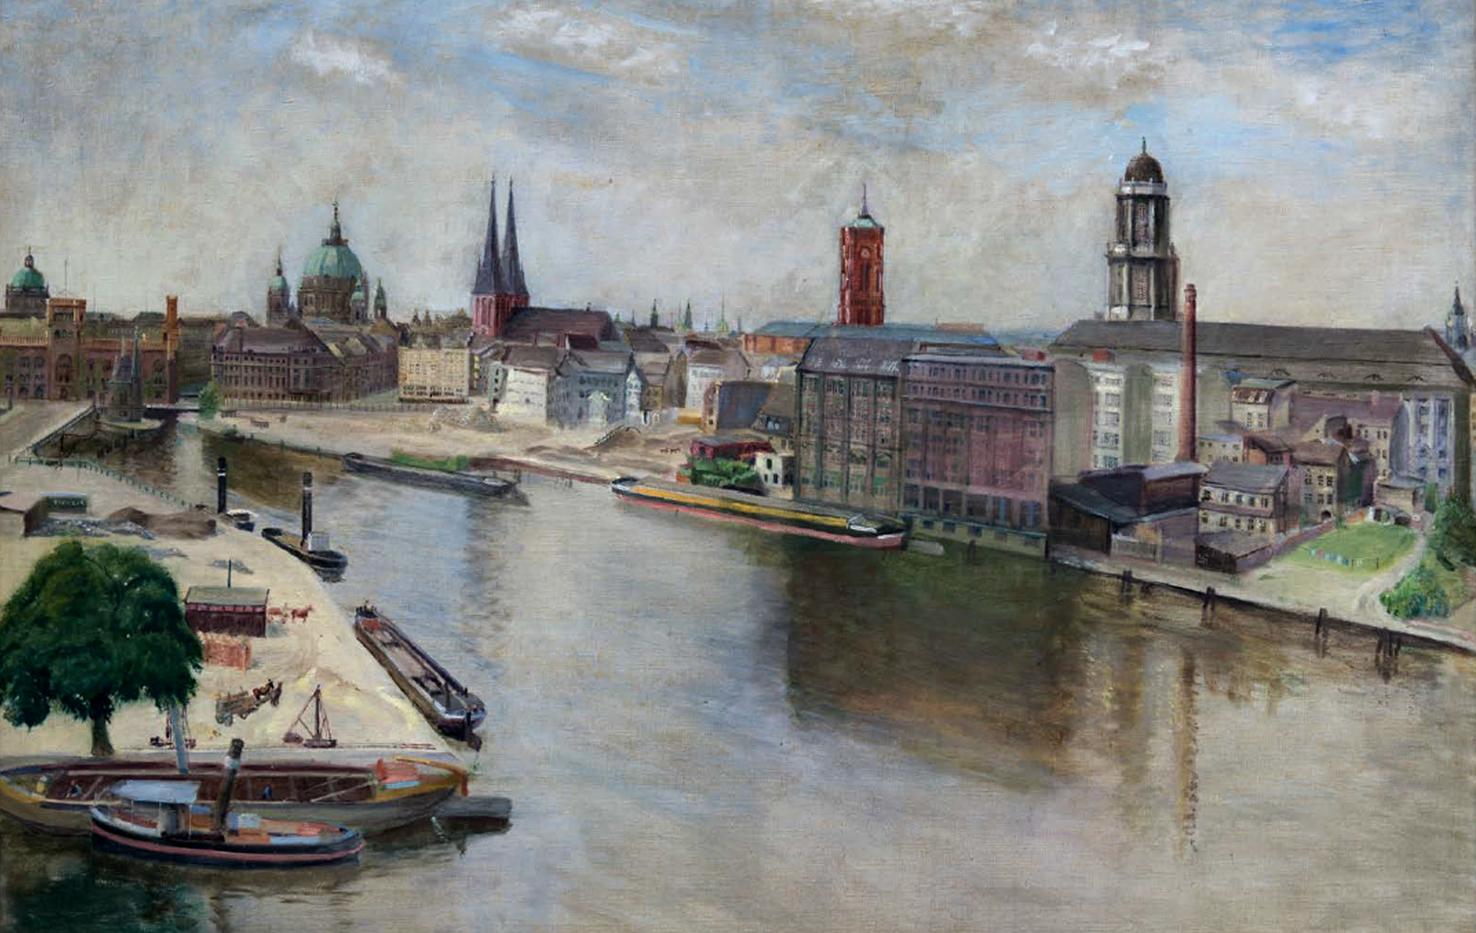 Heinrich Wislicenus (1935), Blick auf den Bau der Mühlendammschleuse